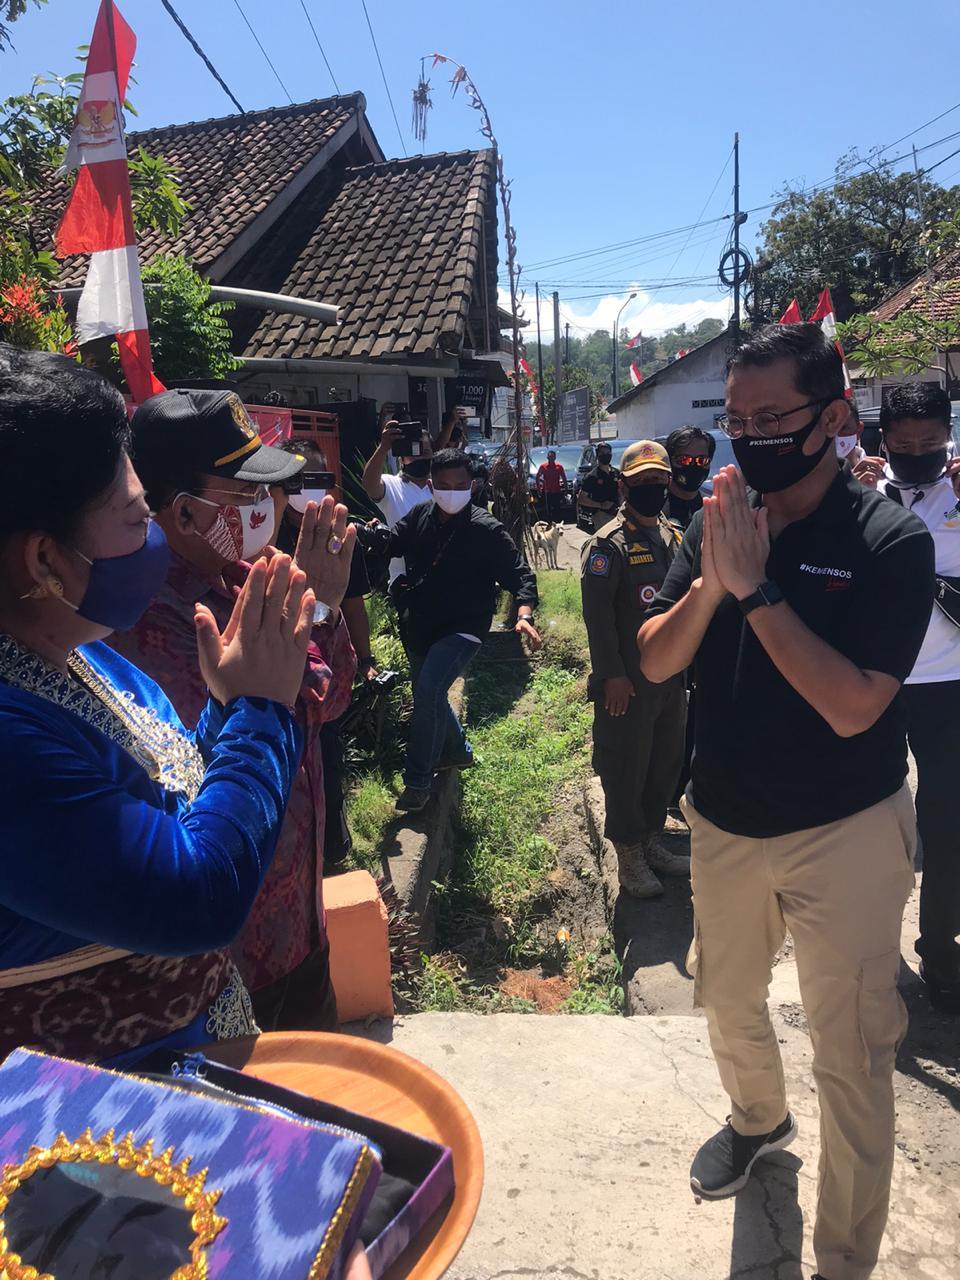 Foto: BUPATI MAS SUMATRI BUPATI Mas Sumatri menerima kunjungan kerja Mensos RI, Juliari P. Batubara, di Kantor Pos Padang Bai, Desa Padang Bai, Manggis, Jumat (21/8). Foto: nad